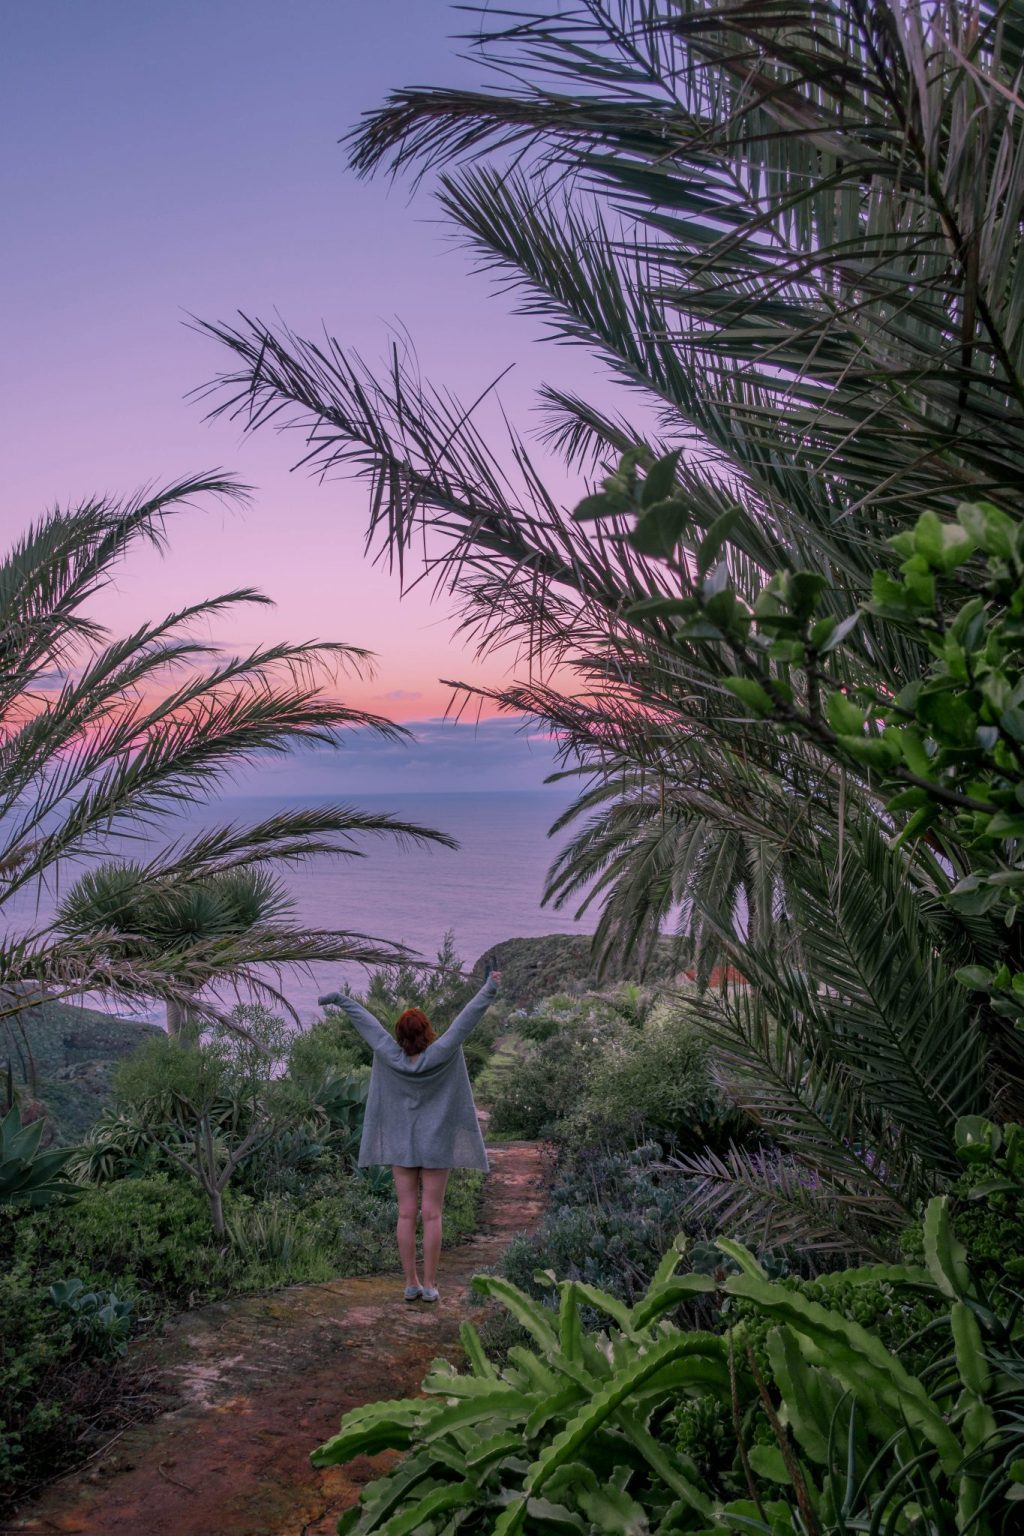 Wie-du-deine-angst-vorm-reisen-akzeptierst-und-lernst-mit-ihr-umzugehen